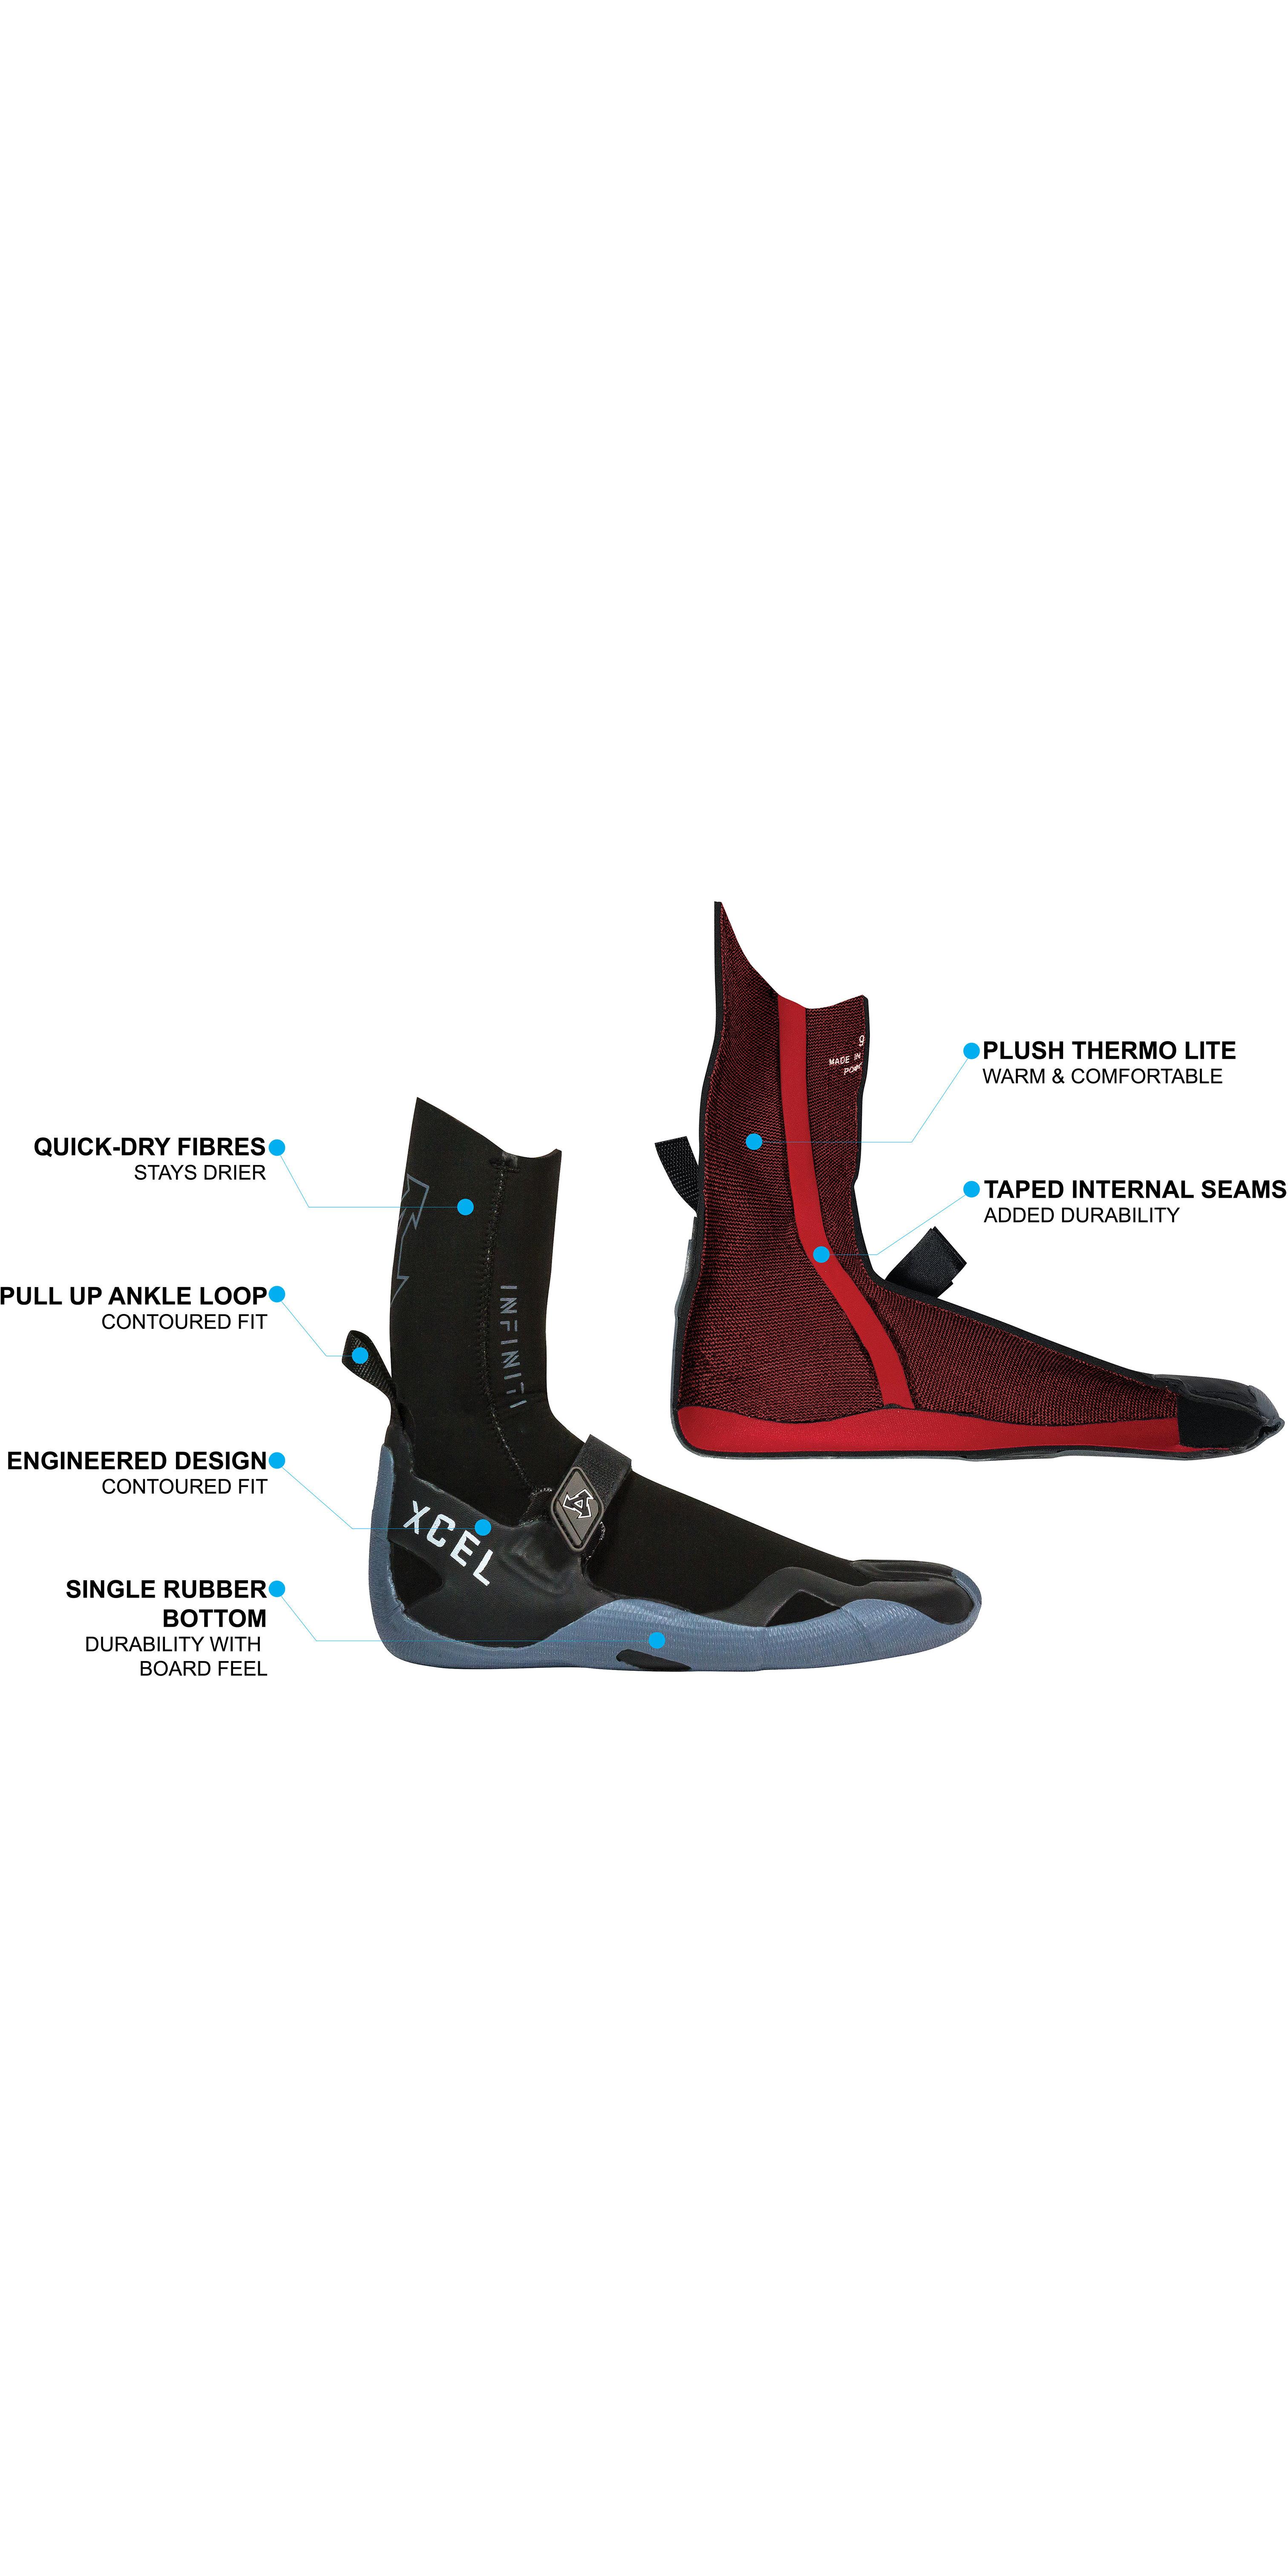 2020 Xcel 5mm Split Toe-laarzen AT057017 - Zwart / Grijs